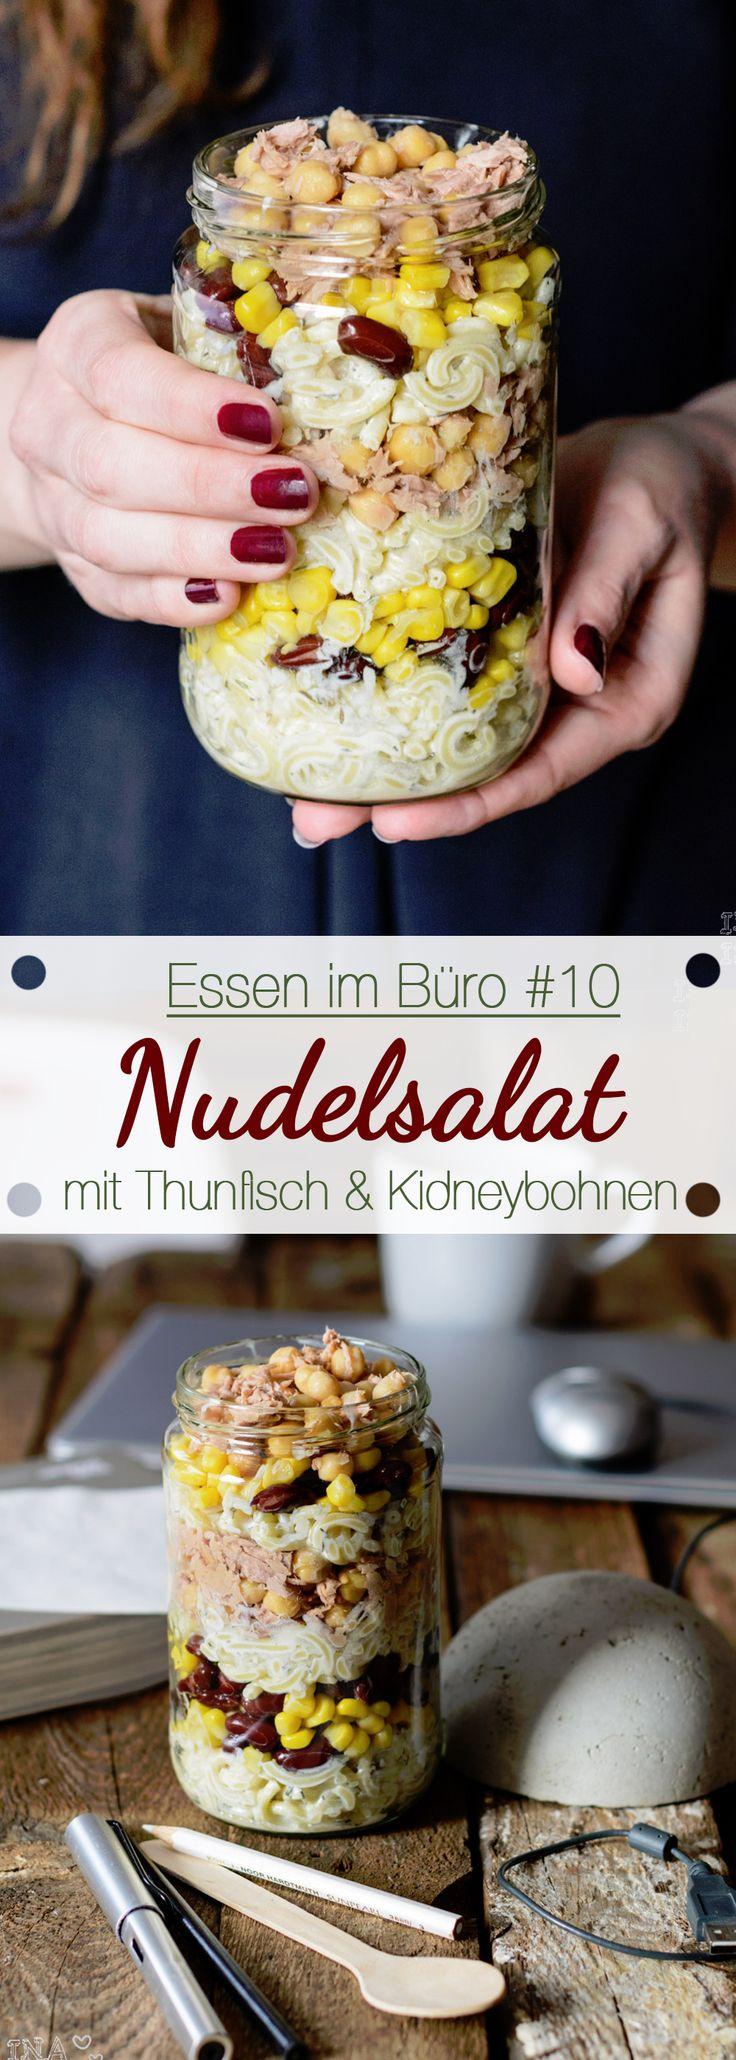 Essen im Büro #10 - Nudelsalat mit Thunfisch, Kichererbsen, Mais & Kidneybohnen